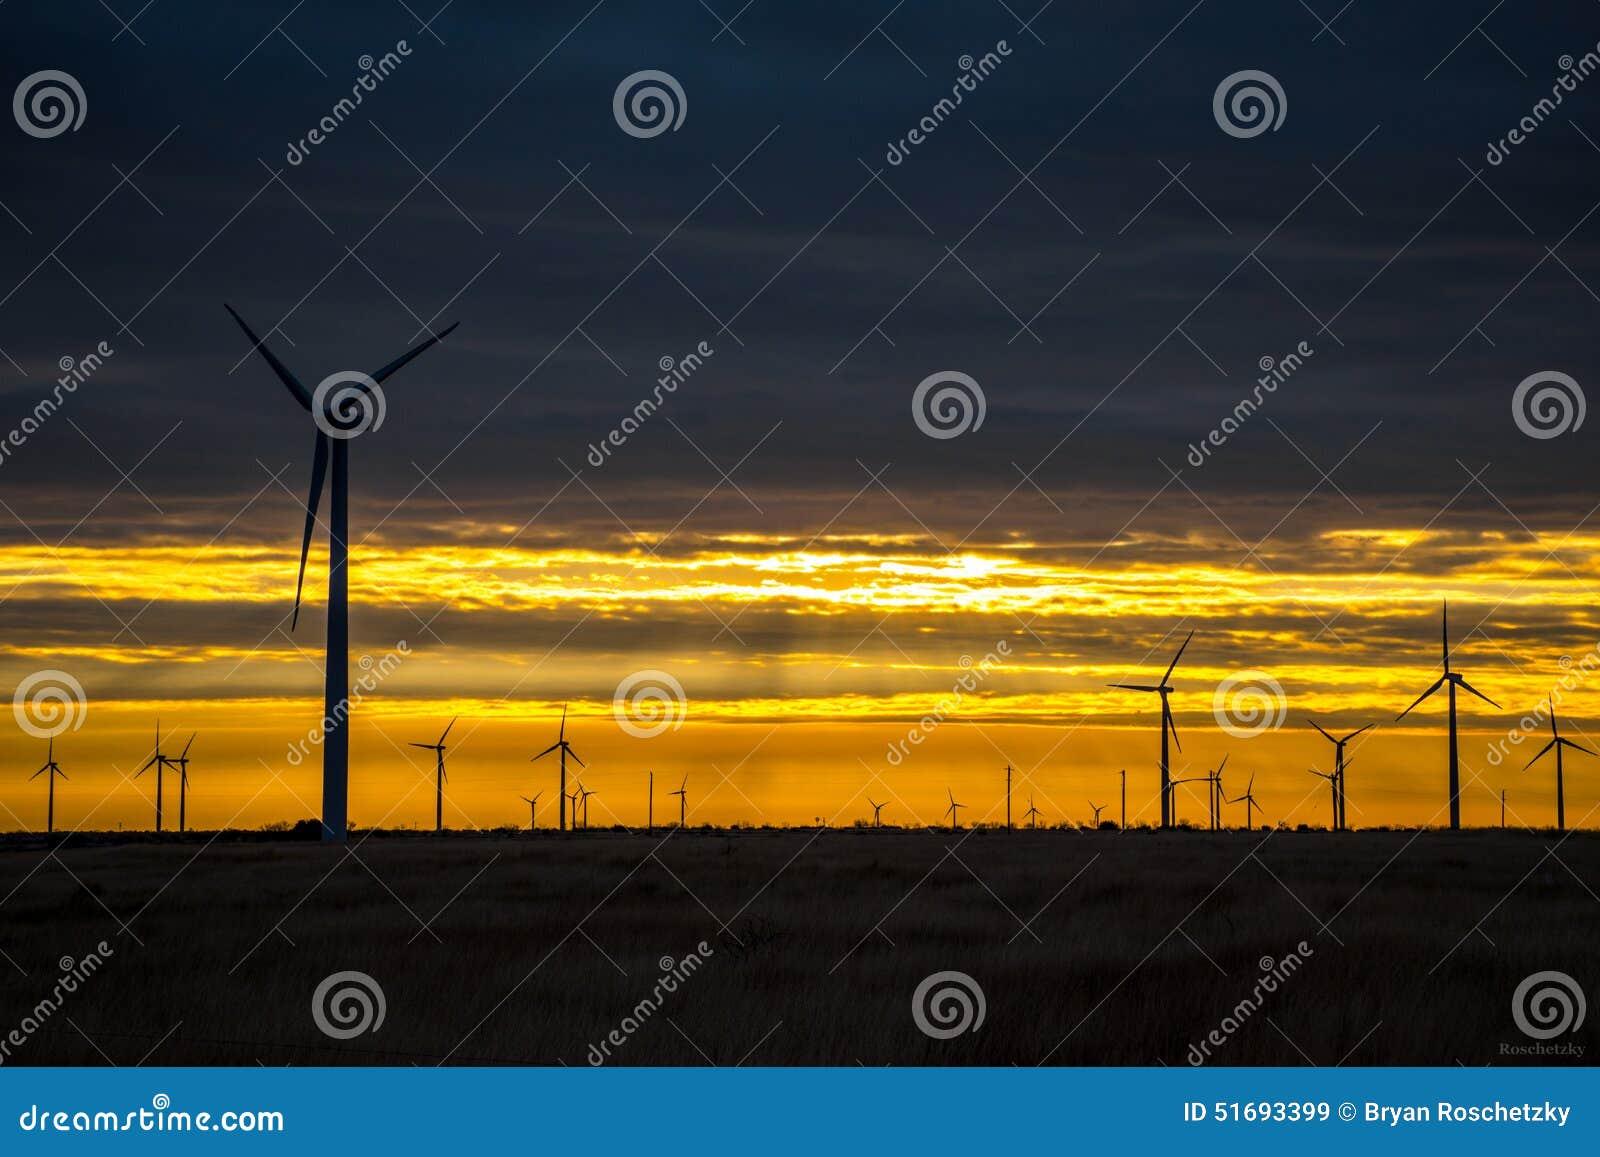 Exploração agrícola Texas Sunrise Sunset ocidental da turbina eólica